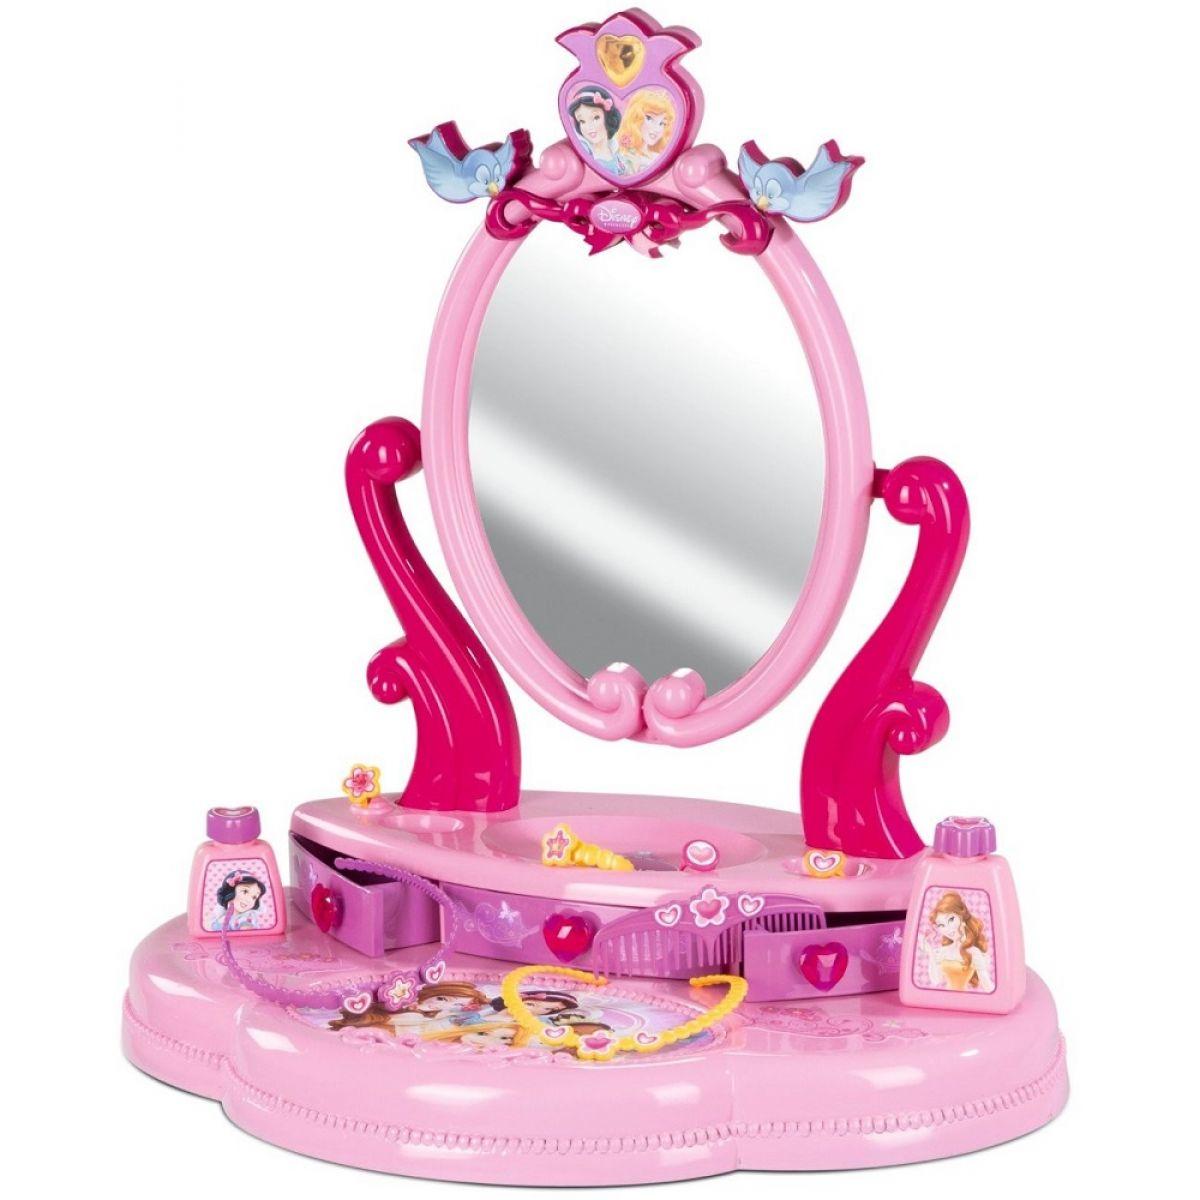 SMOBY 24236 kozmetický stolík s otváracou zásuvkou Disney Princezné a 5 doplnkami